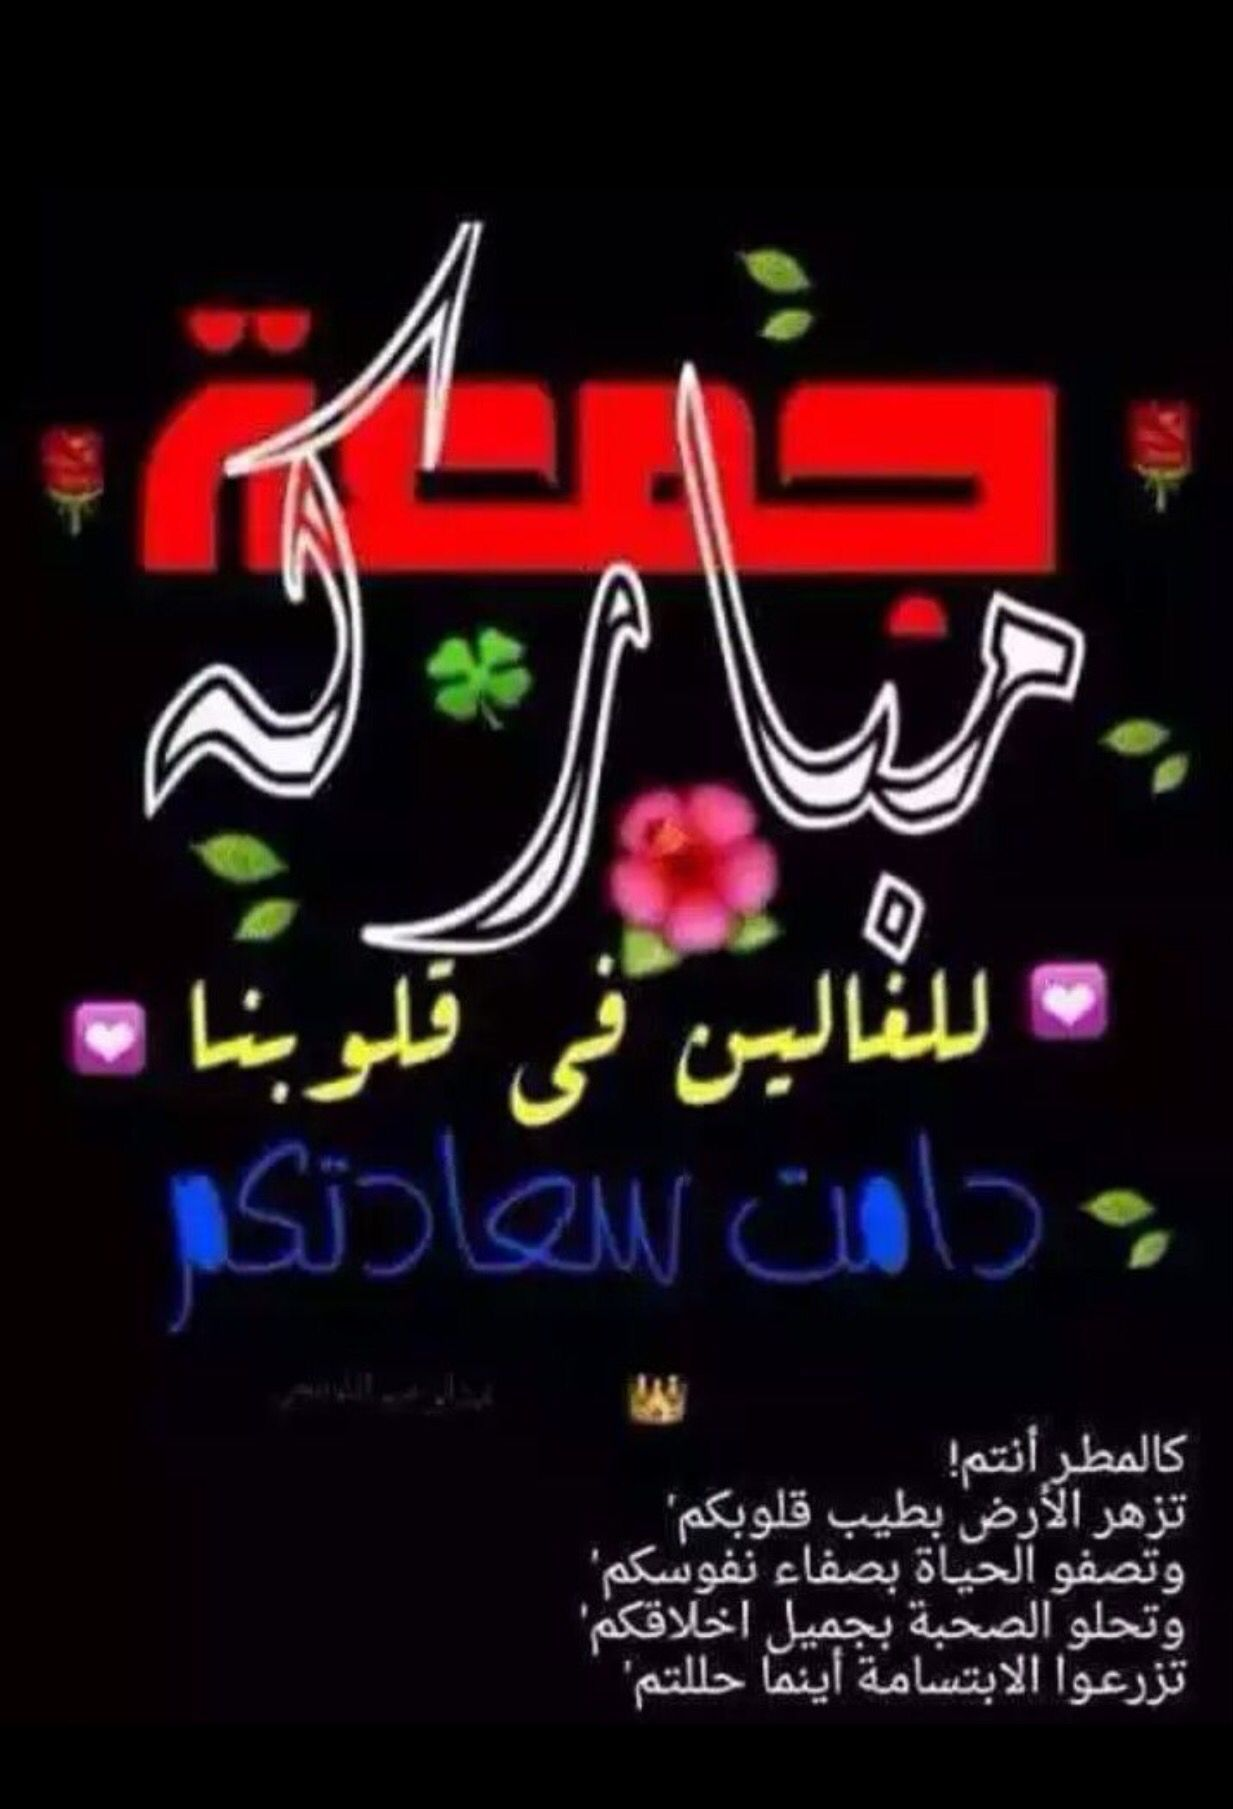 جمعة مباركة الغالين على قلوبنا Neon Signs Gif Pictures Islam